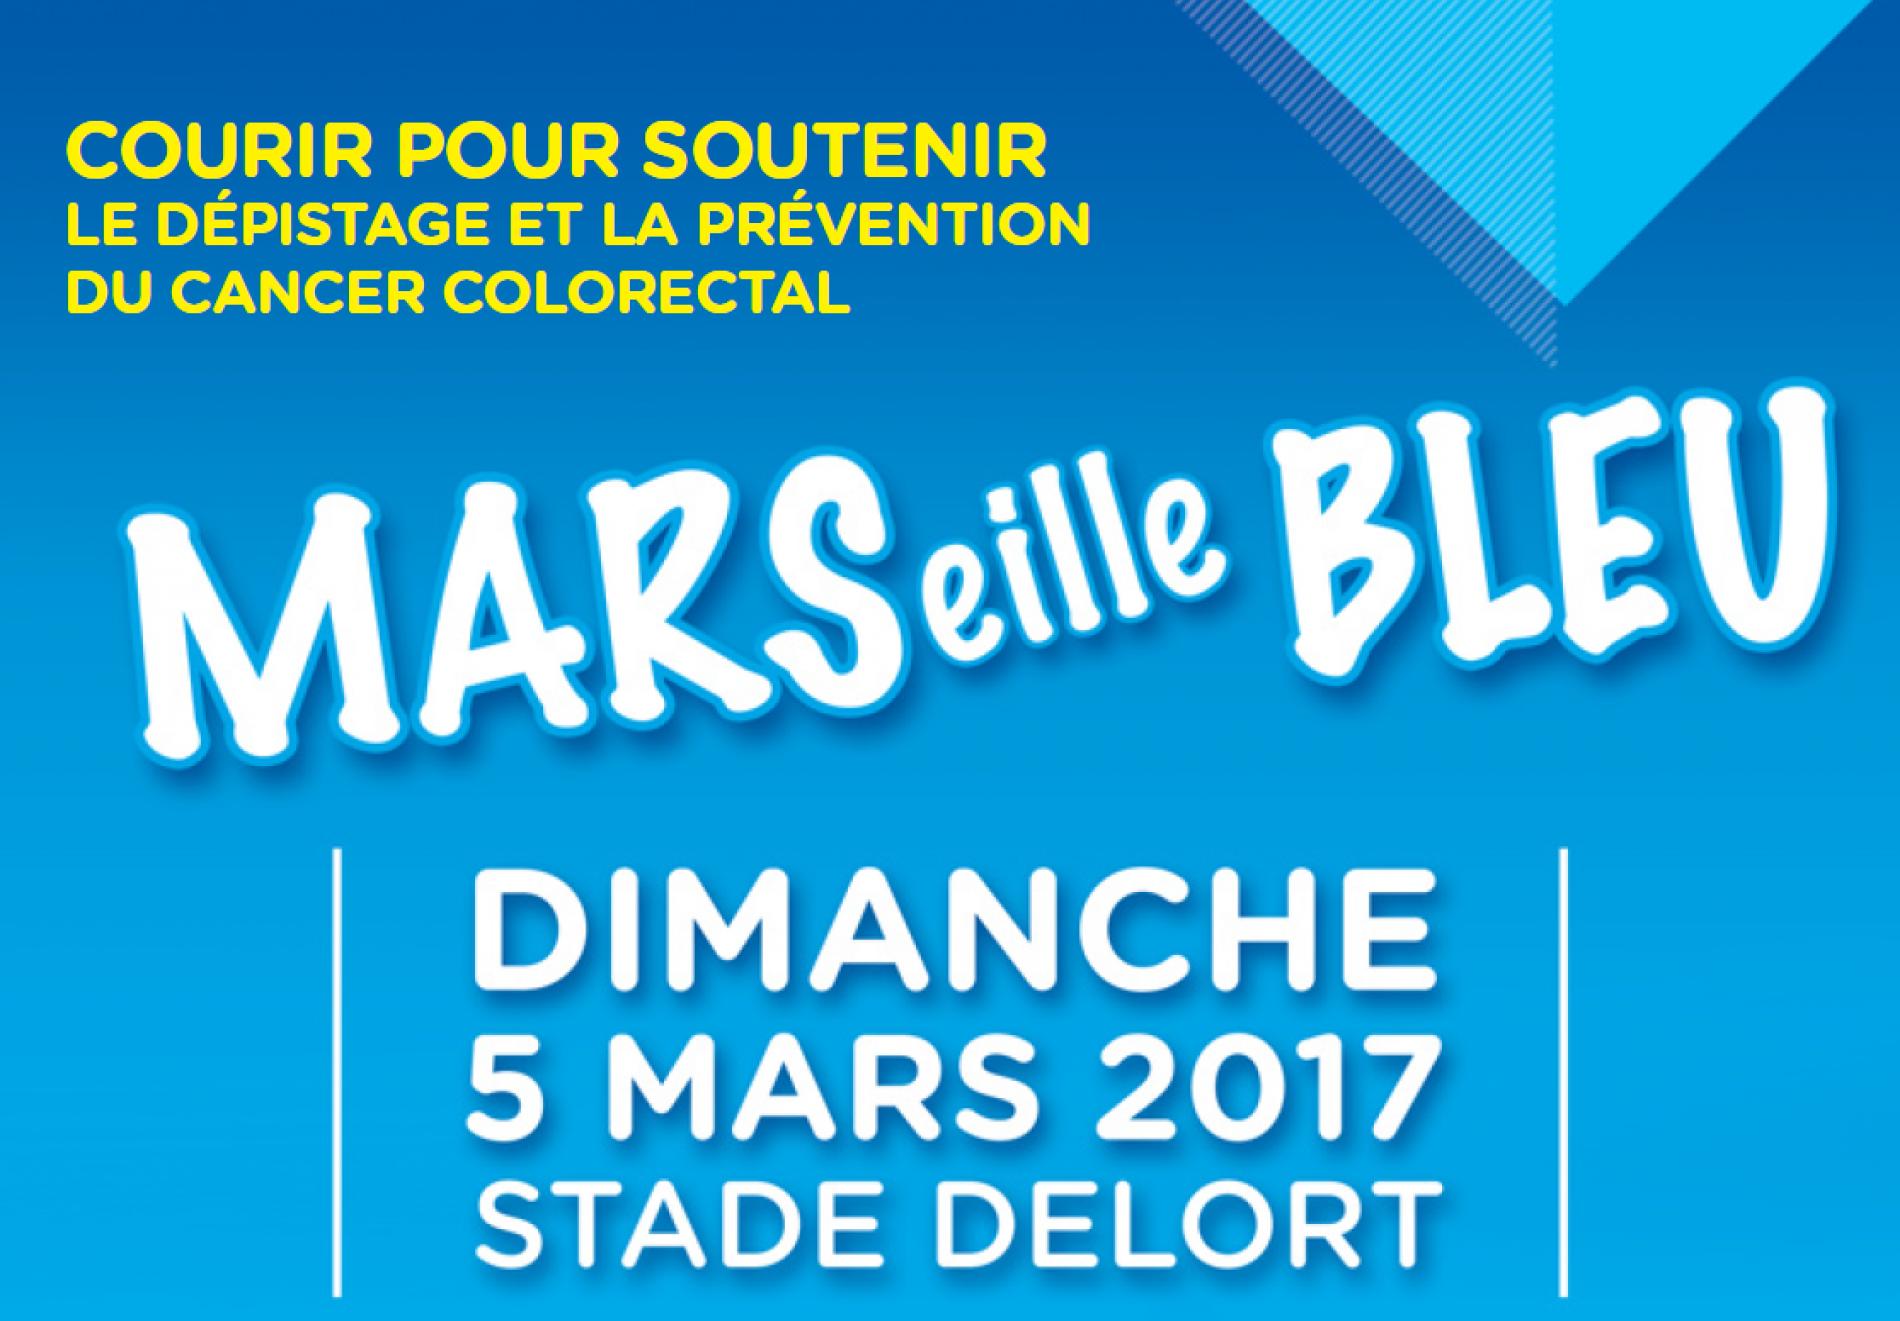 Mars bleu : Cancer colorectal, nous avons  tous un rôle à jouer !